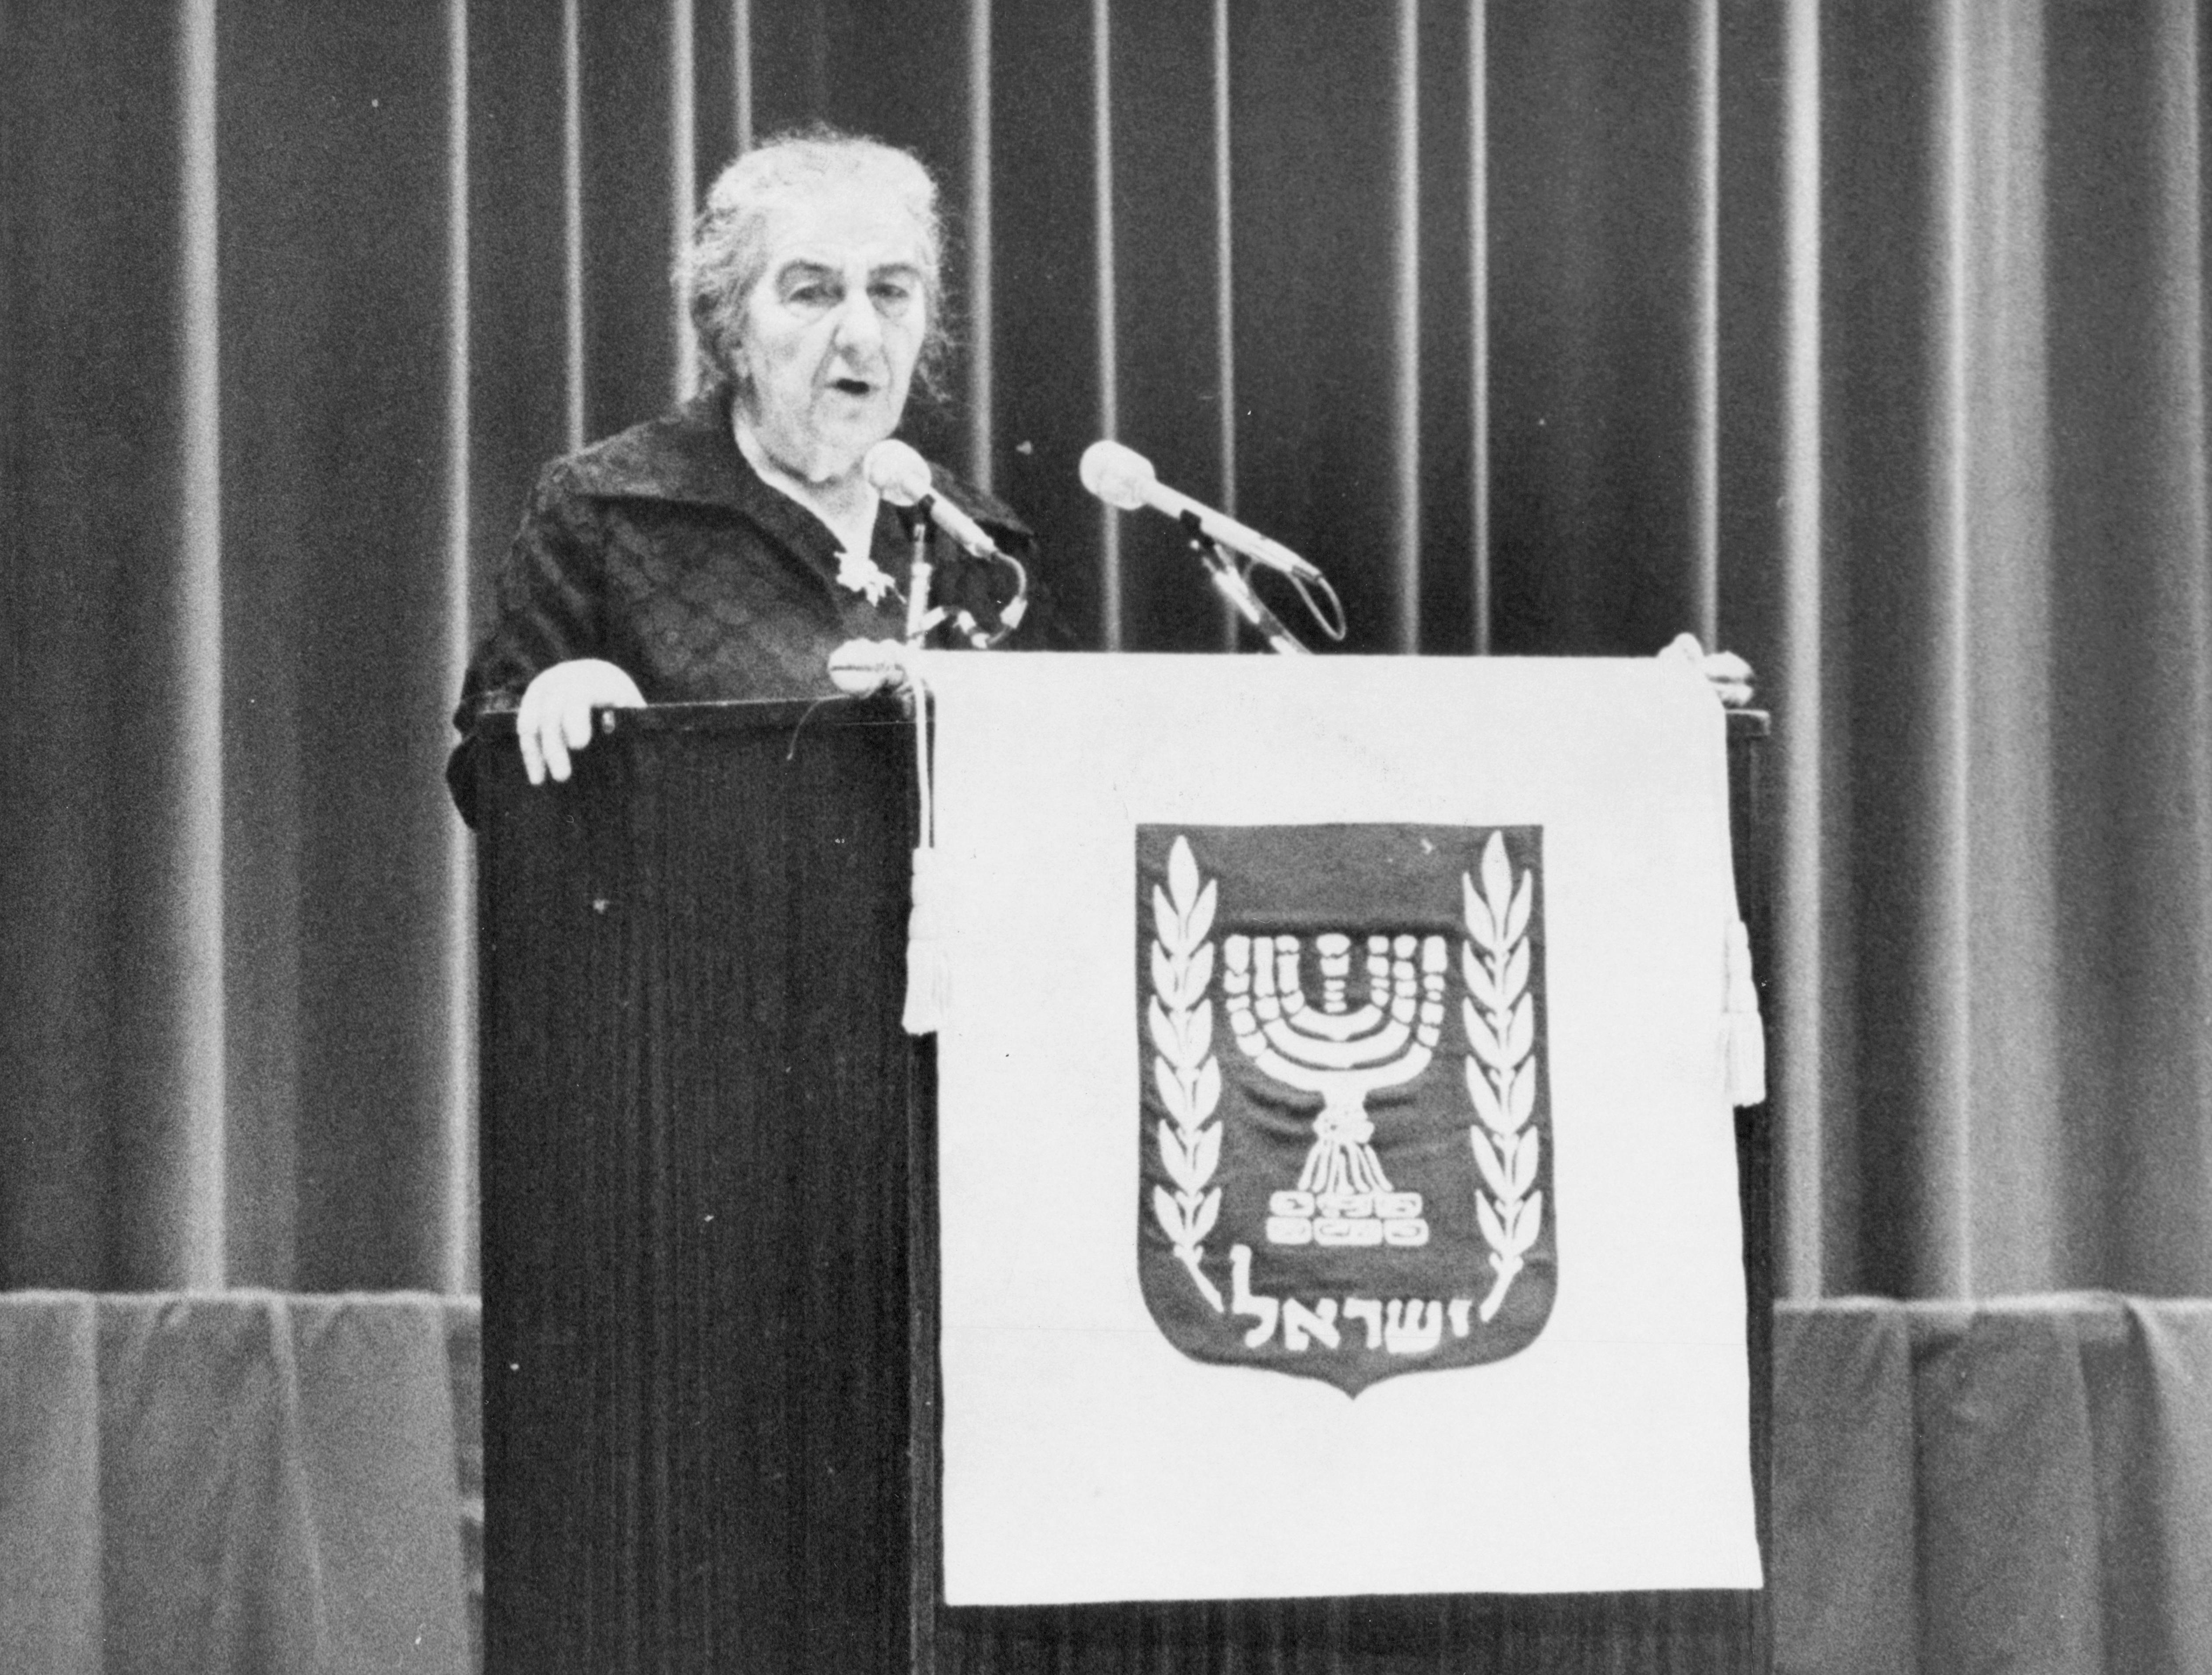 Golda Meir, March 8, 1973.